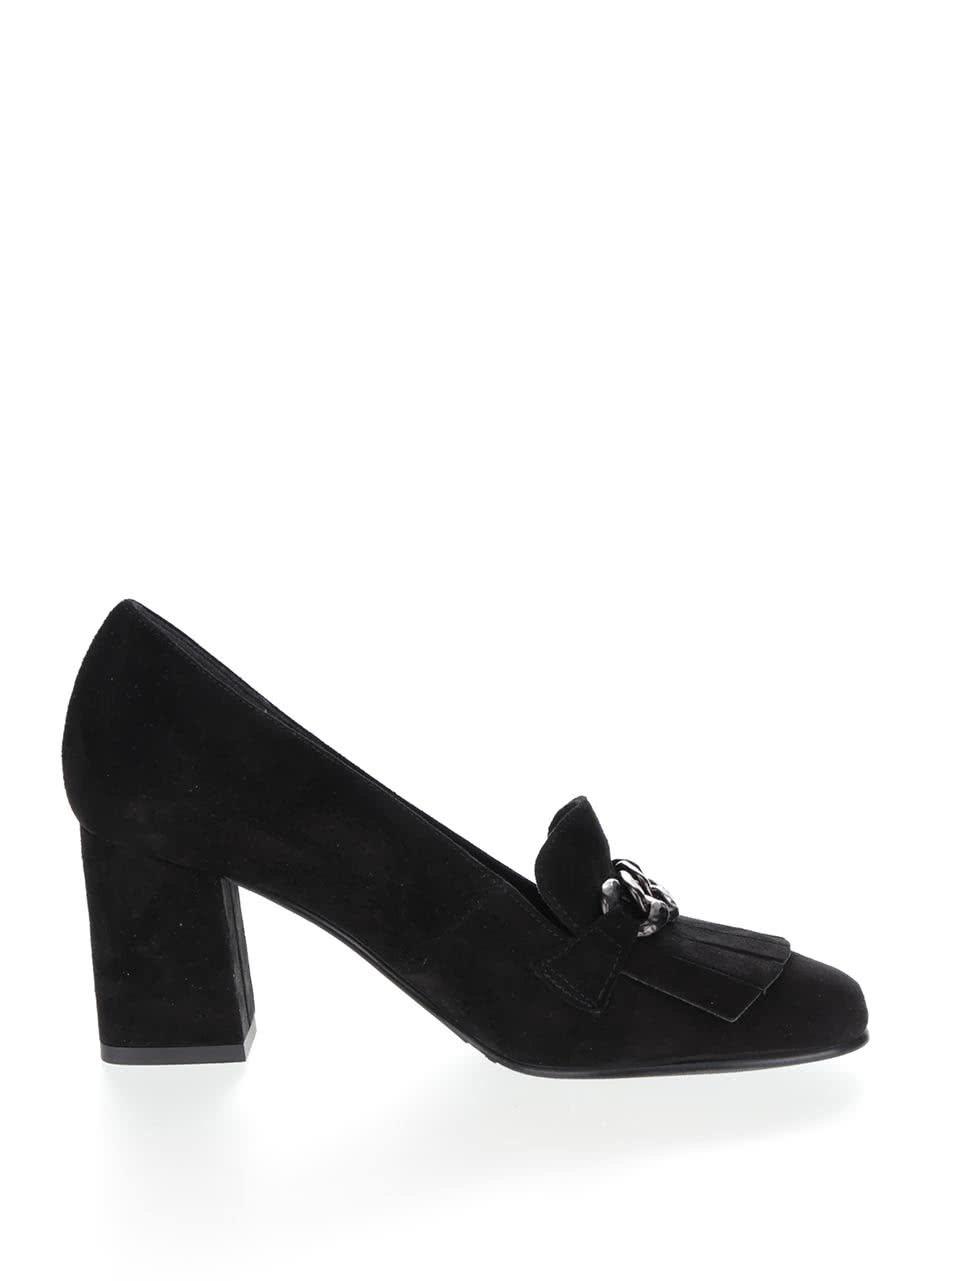 4421ba33a53 Černé kožené boty na podpatku v semišové úpravě s kovovým páskem Tamaris ...